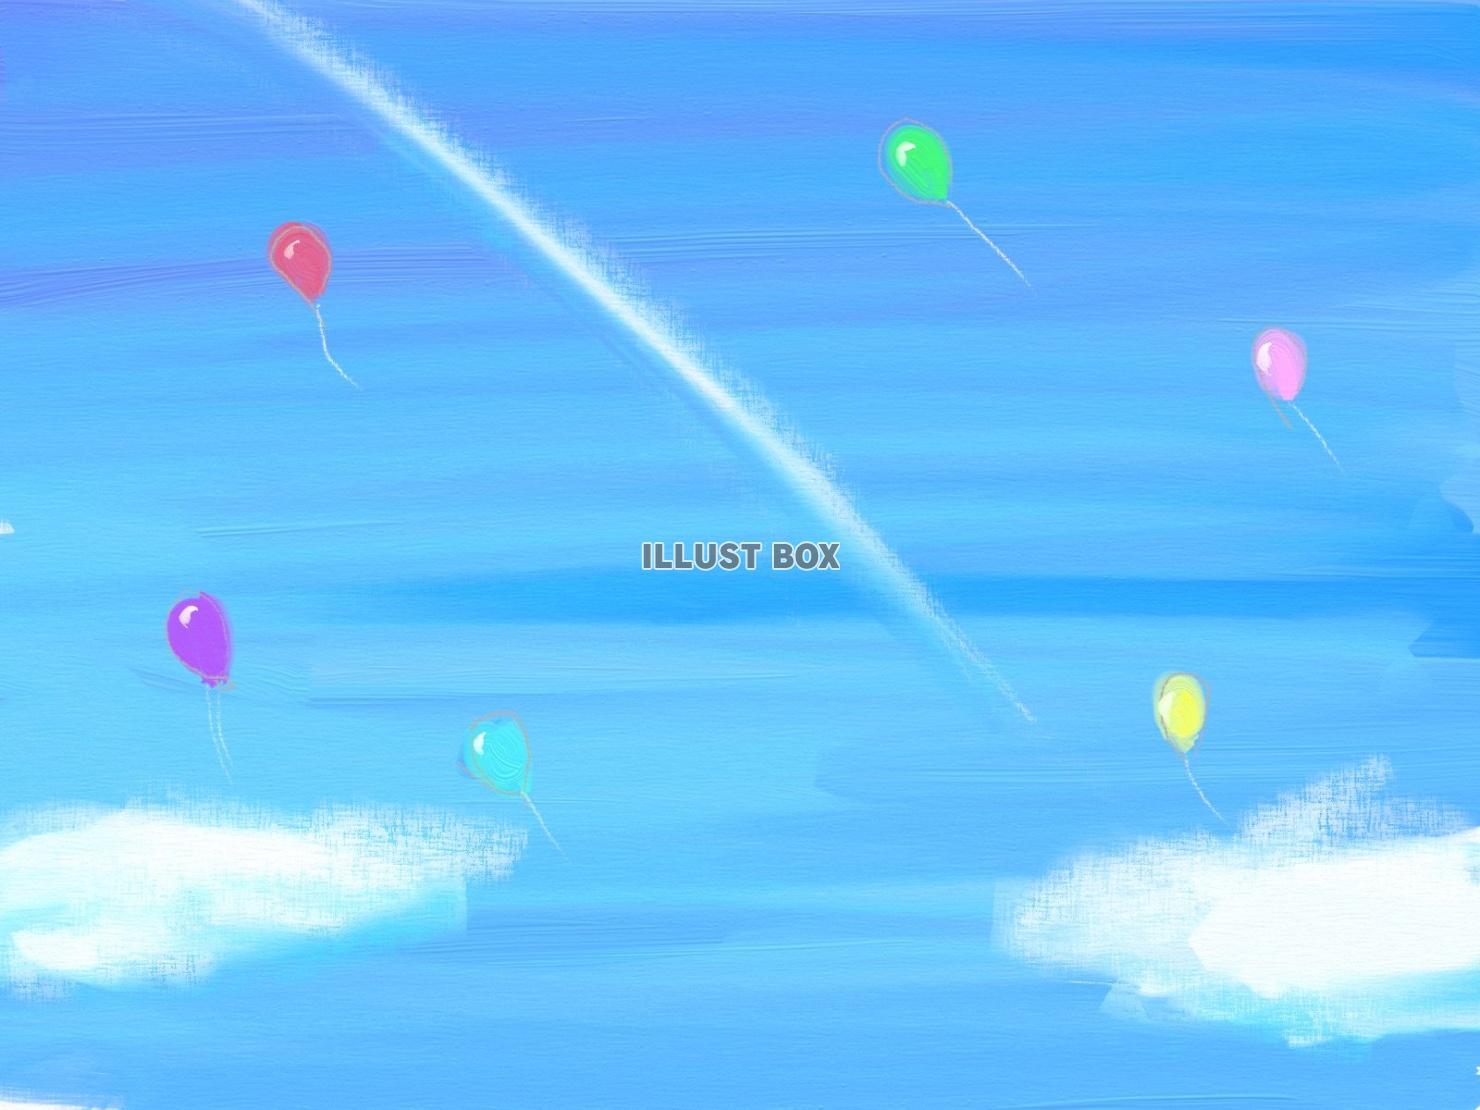 無料イラスト 飛行機雲と風船